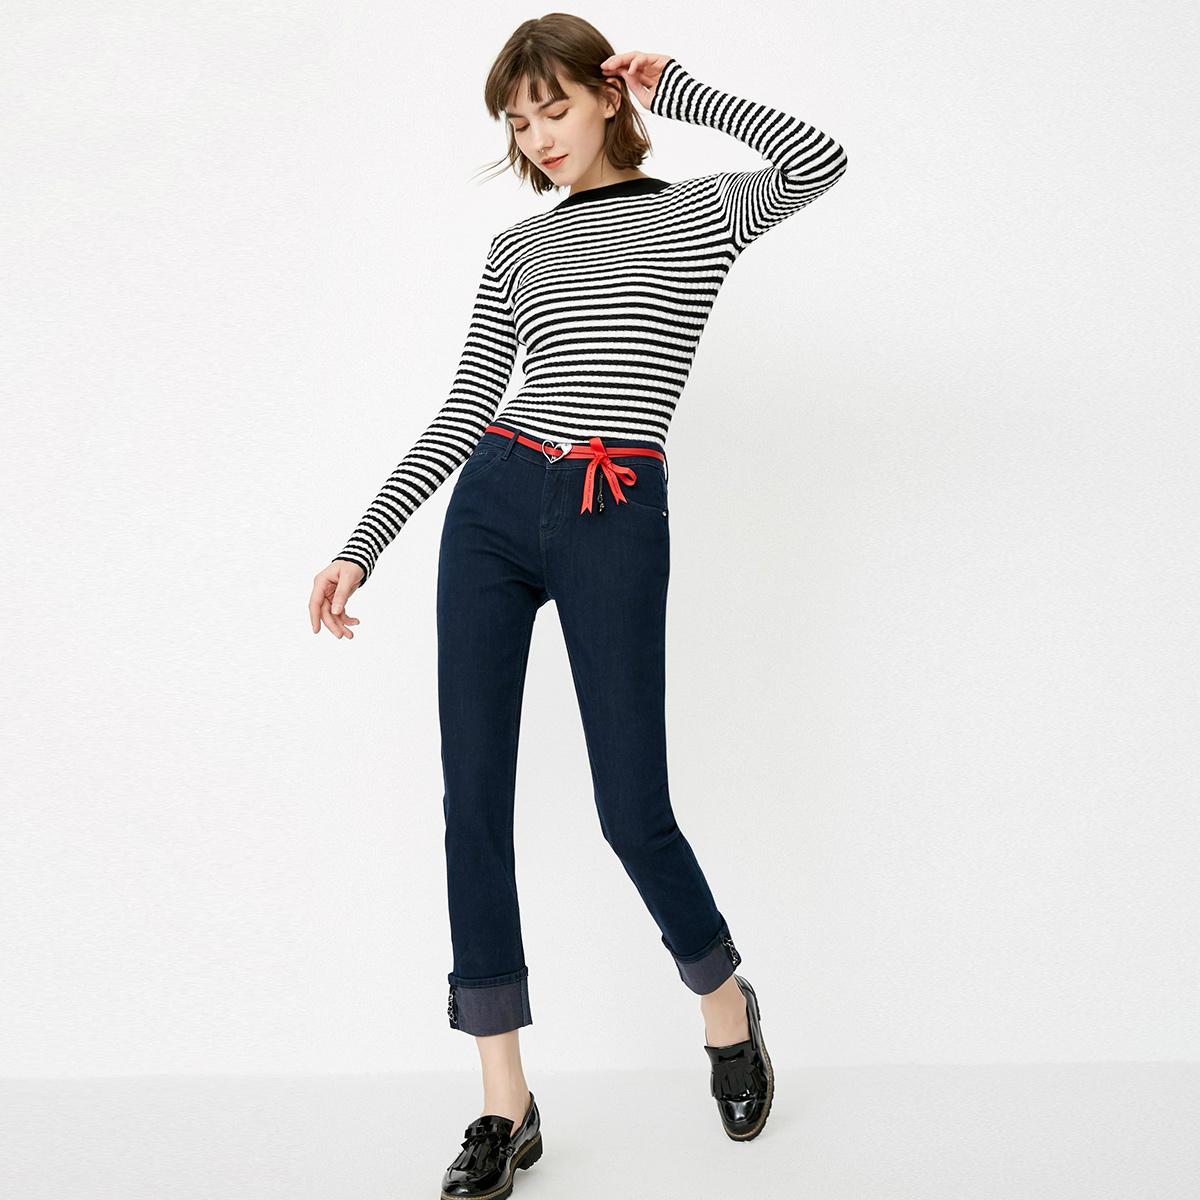 绫致|ONLY夏季新款简约卷边修身显瘦九分牛仔裤女|118149542